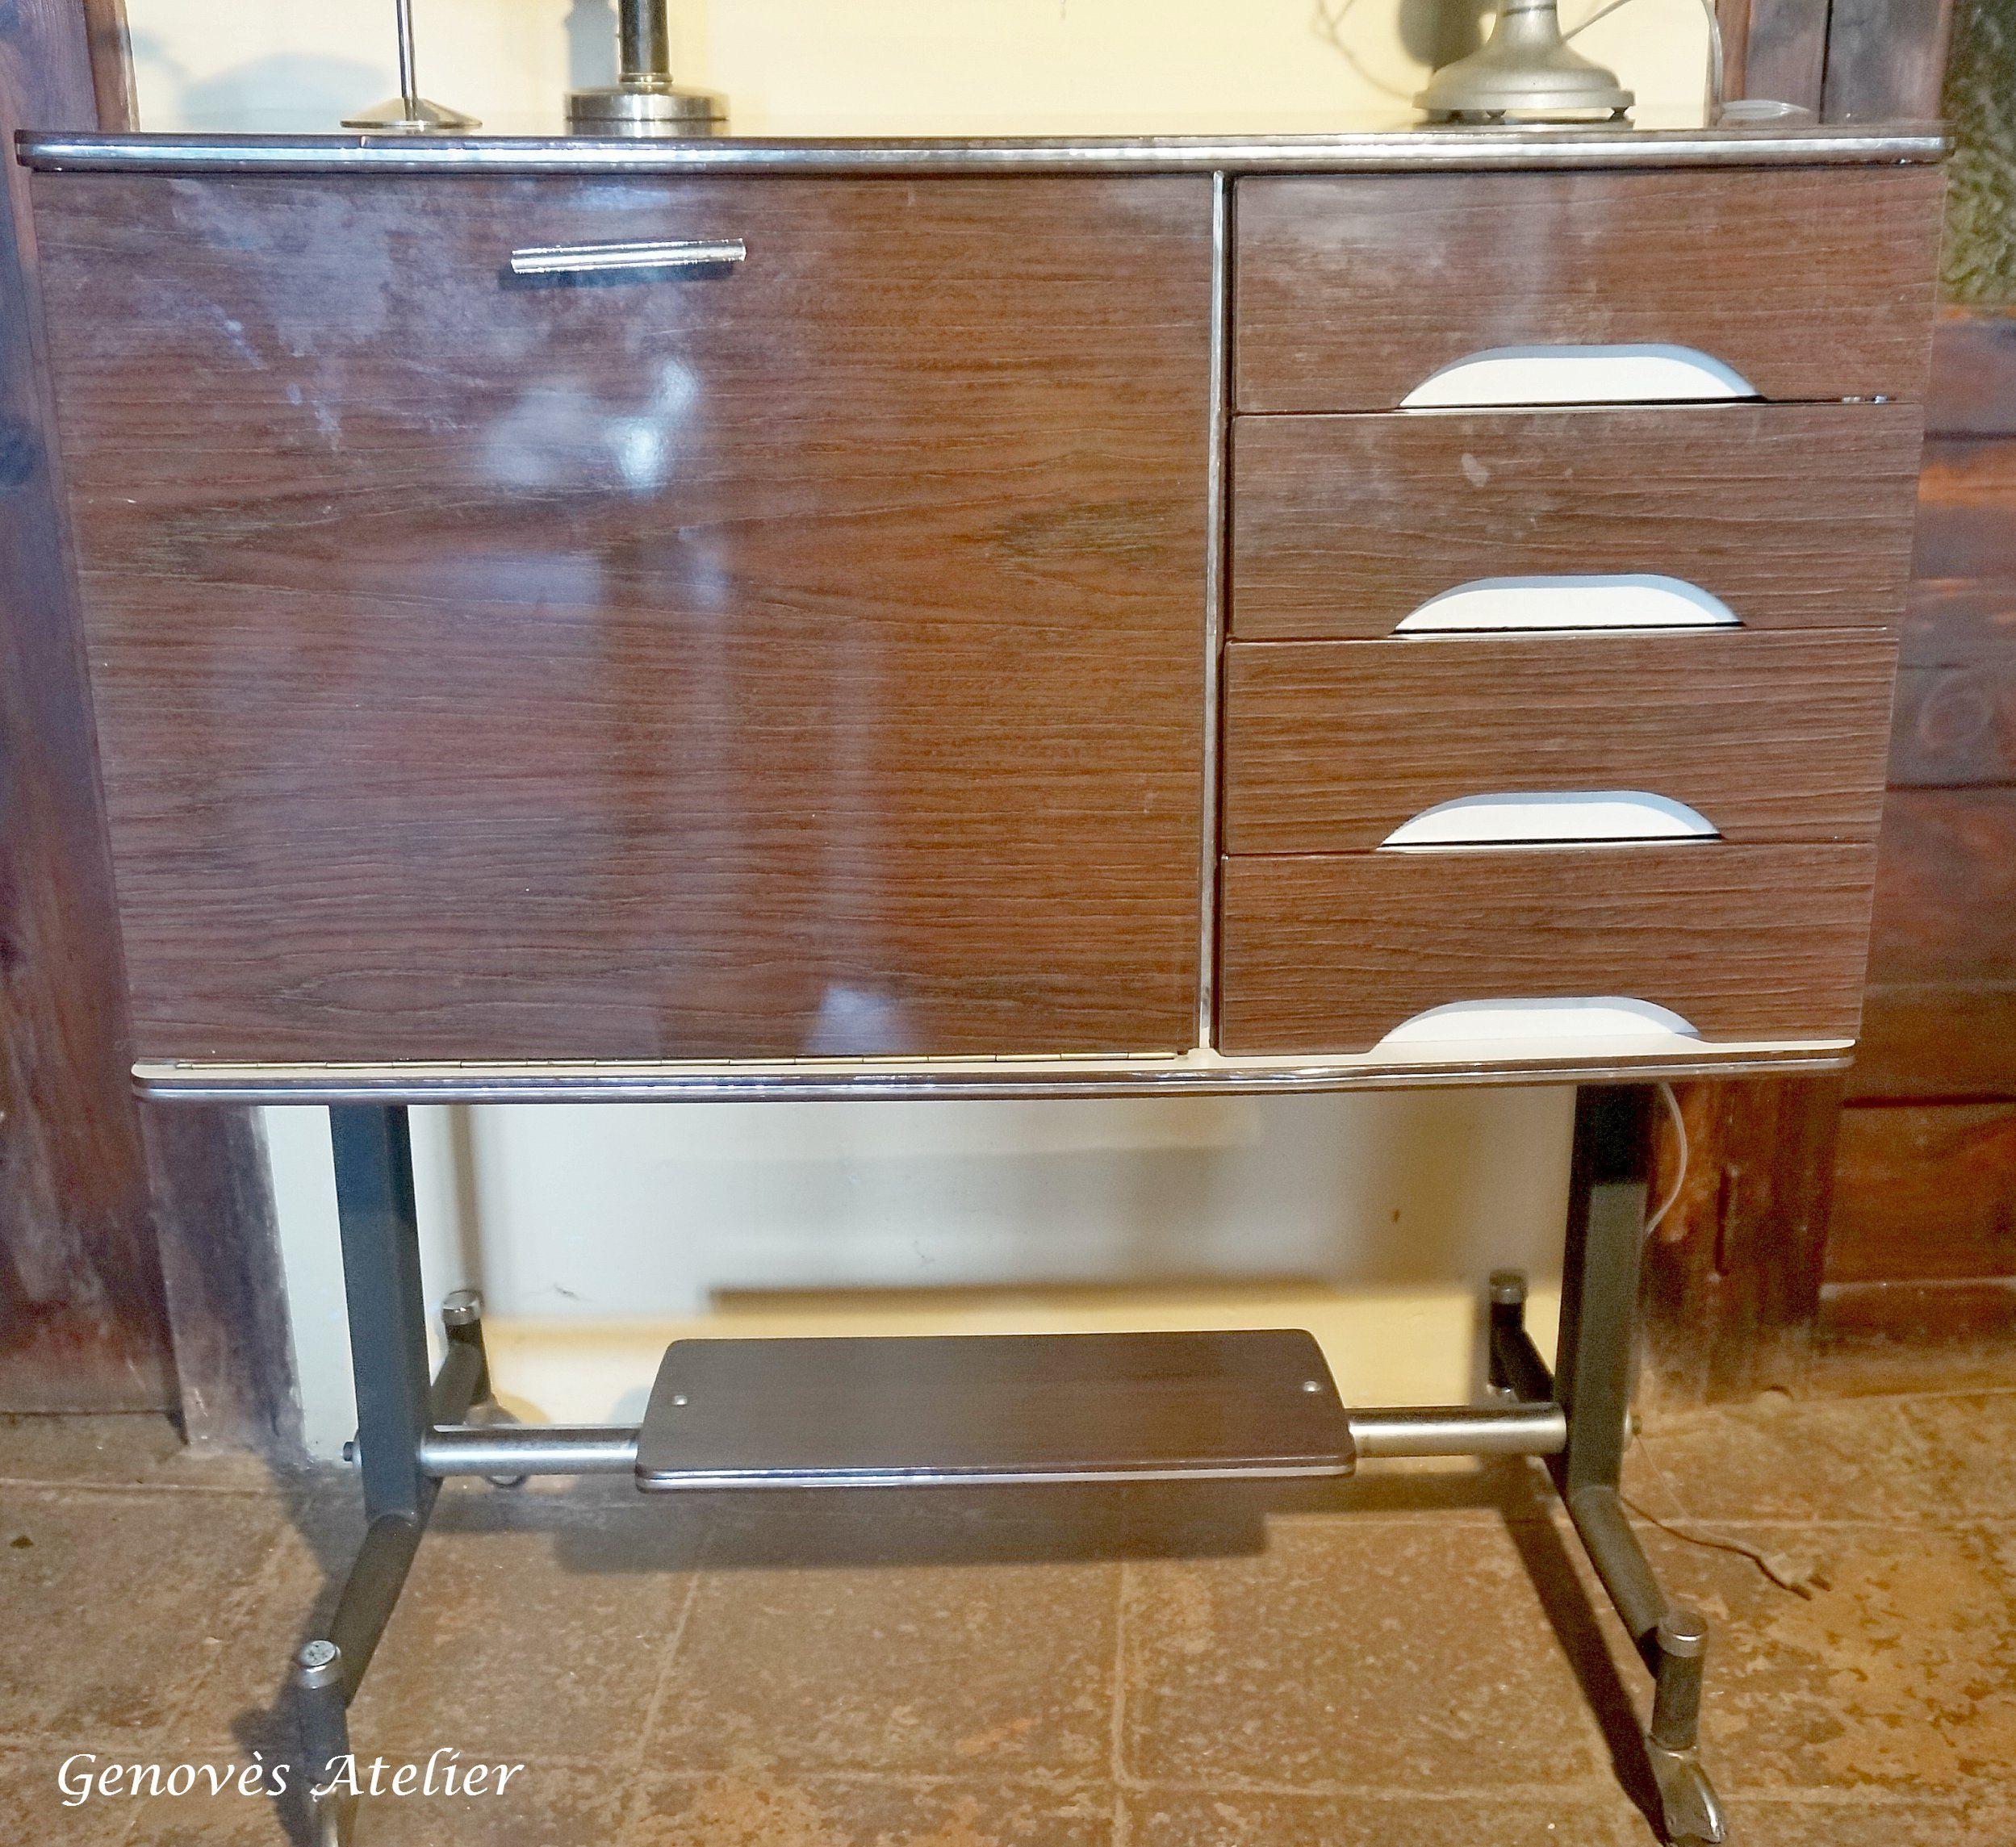 Antiguo Mueble Bar Retro Genov S Atelier Mobiliario Retro  # Muebles Cebollero